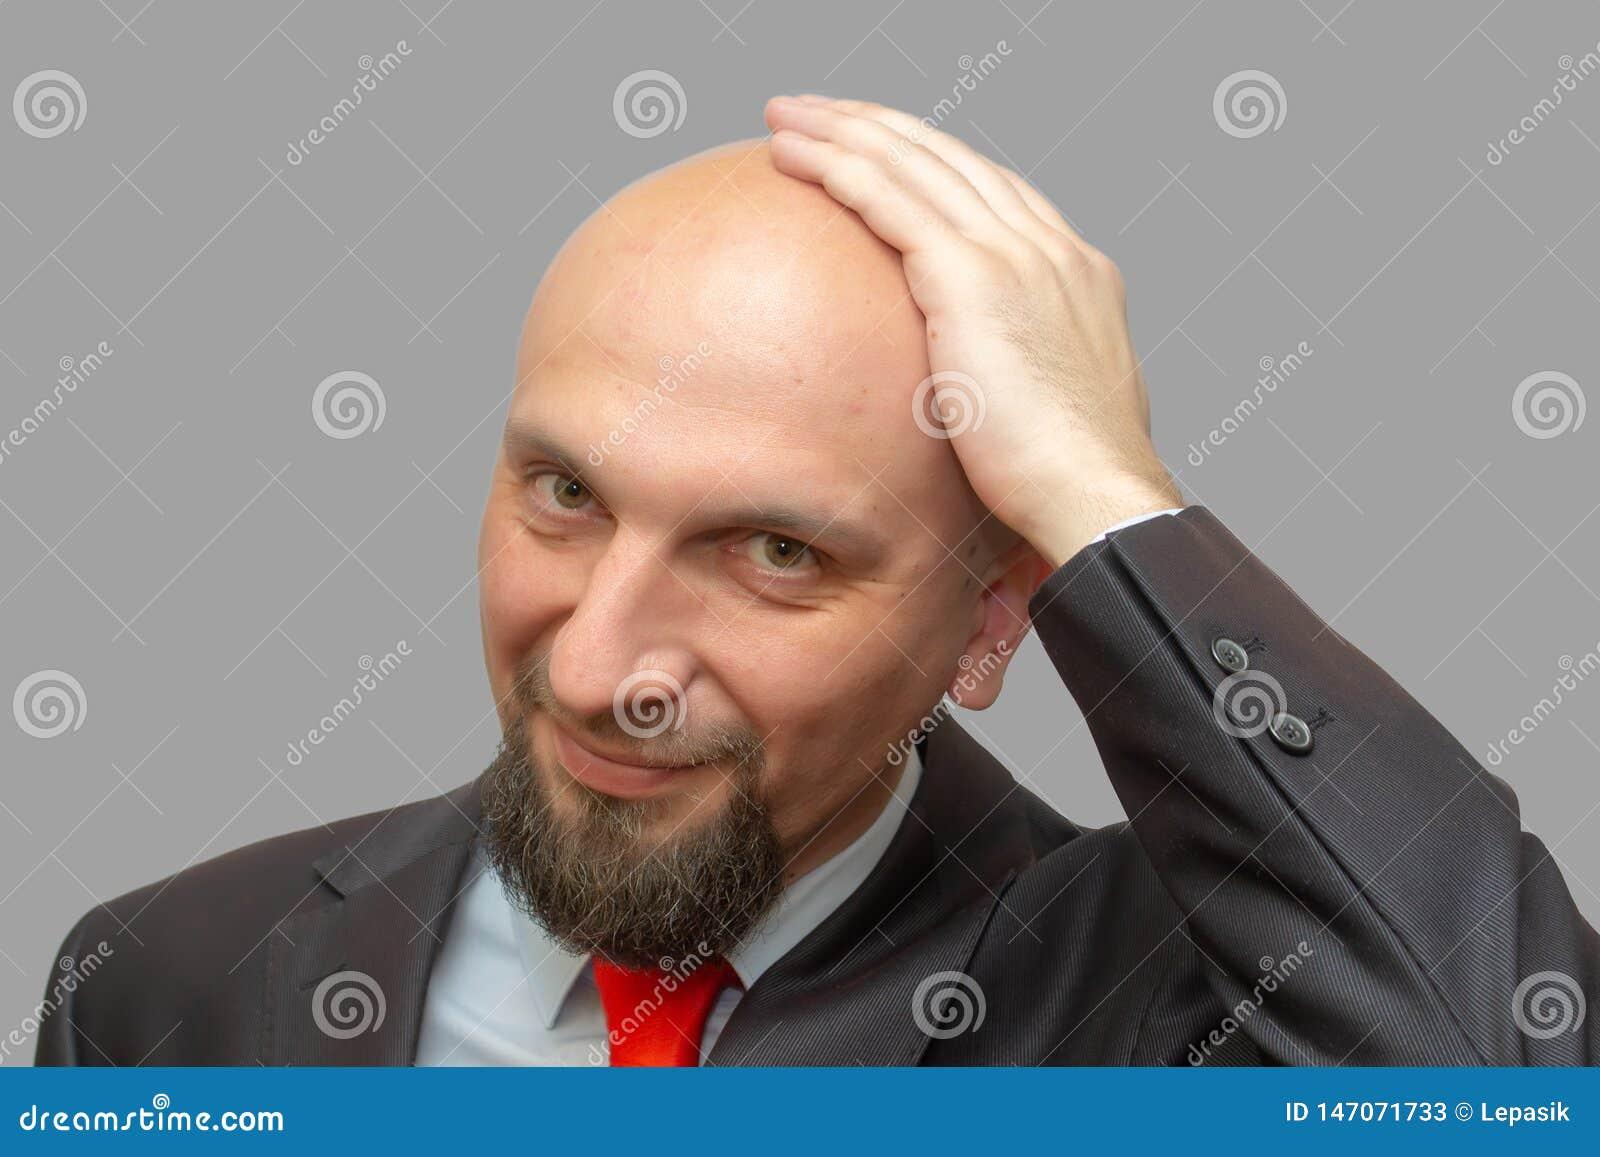 Hombre calvo en traje, cabeza afeitada, fondo gris